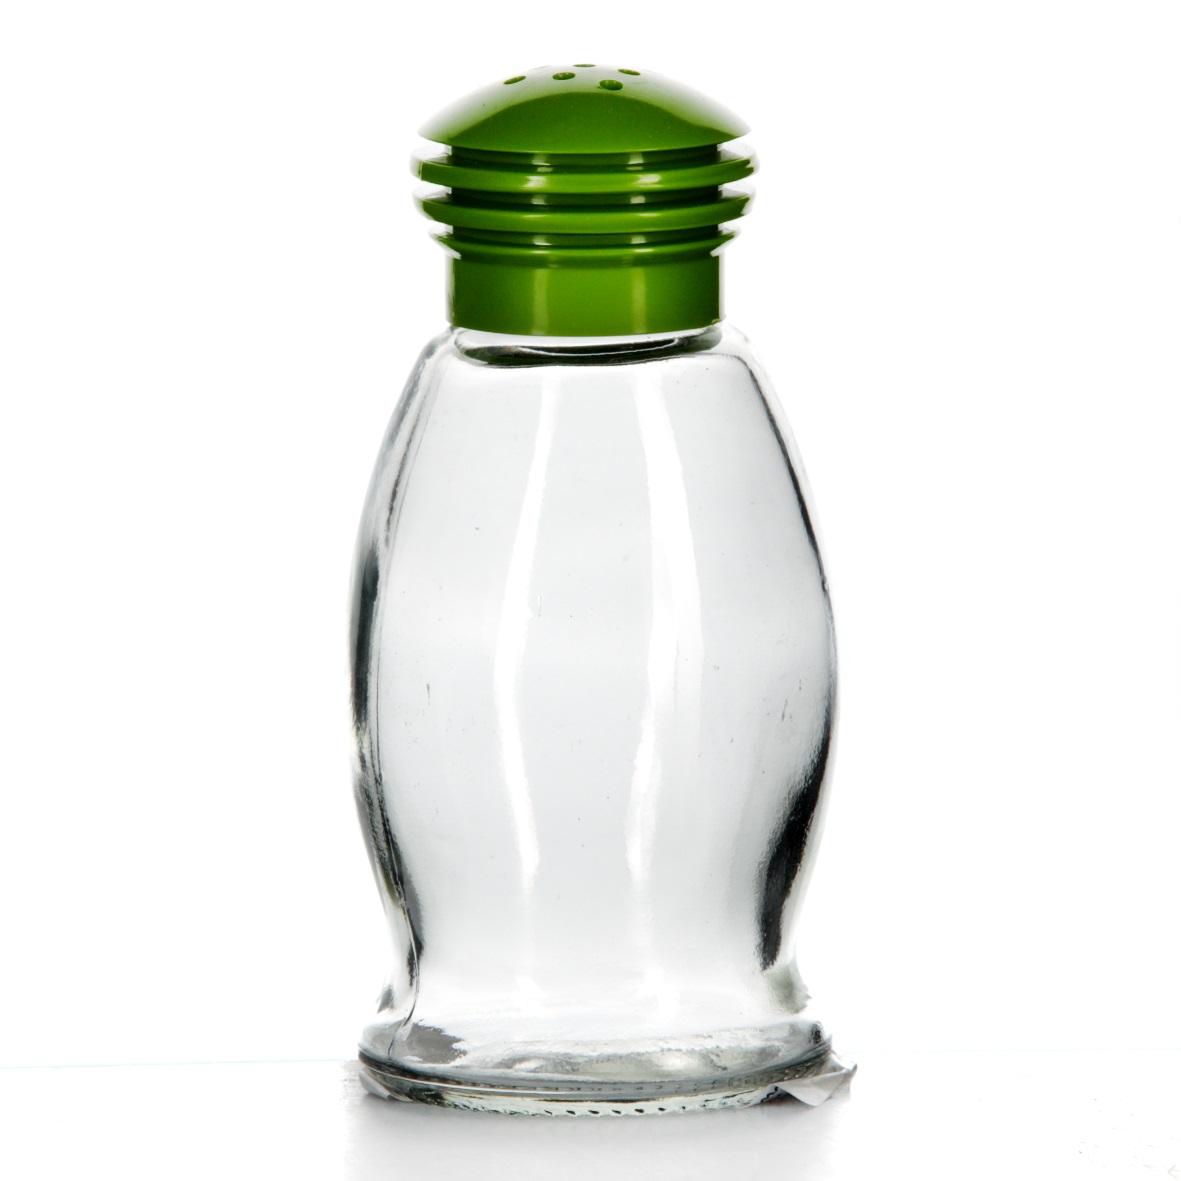 Солонка Herevin, цвет: зеленый, 85 мл. 121091-000121091-000Солонка Herevin выполнена из прозрачного стекла и оснащена пластиковой цветной крышкой с отверстиями, благодаря которым, вы сможете посолить блюда, просто перевернув банку. Крышка легко откручивается, благодаря чему засыпать соль внутрь очень просто. Такая солонка станет достойным дополнением к вашему кухонному инвентарю. Можно мыть в посудомоечной машине. Объем: 85 мл. Диаметр (по верхнему краю): 2 см. Высота солонки (без учета крышки): 9 см.